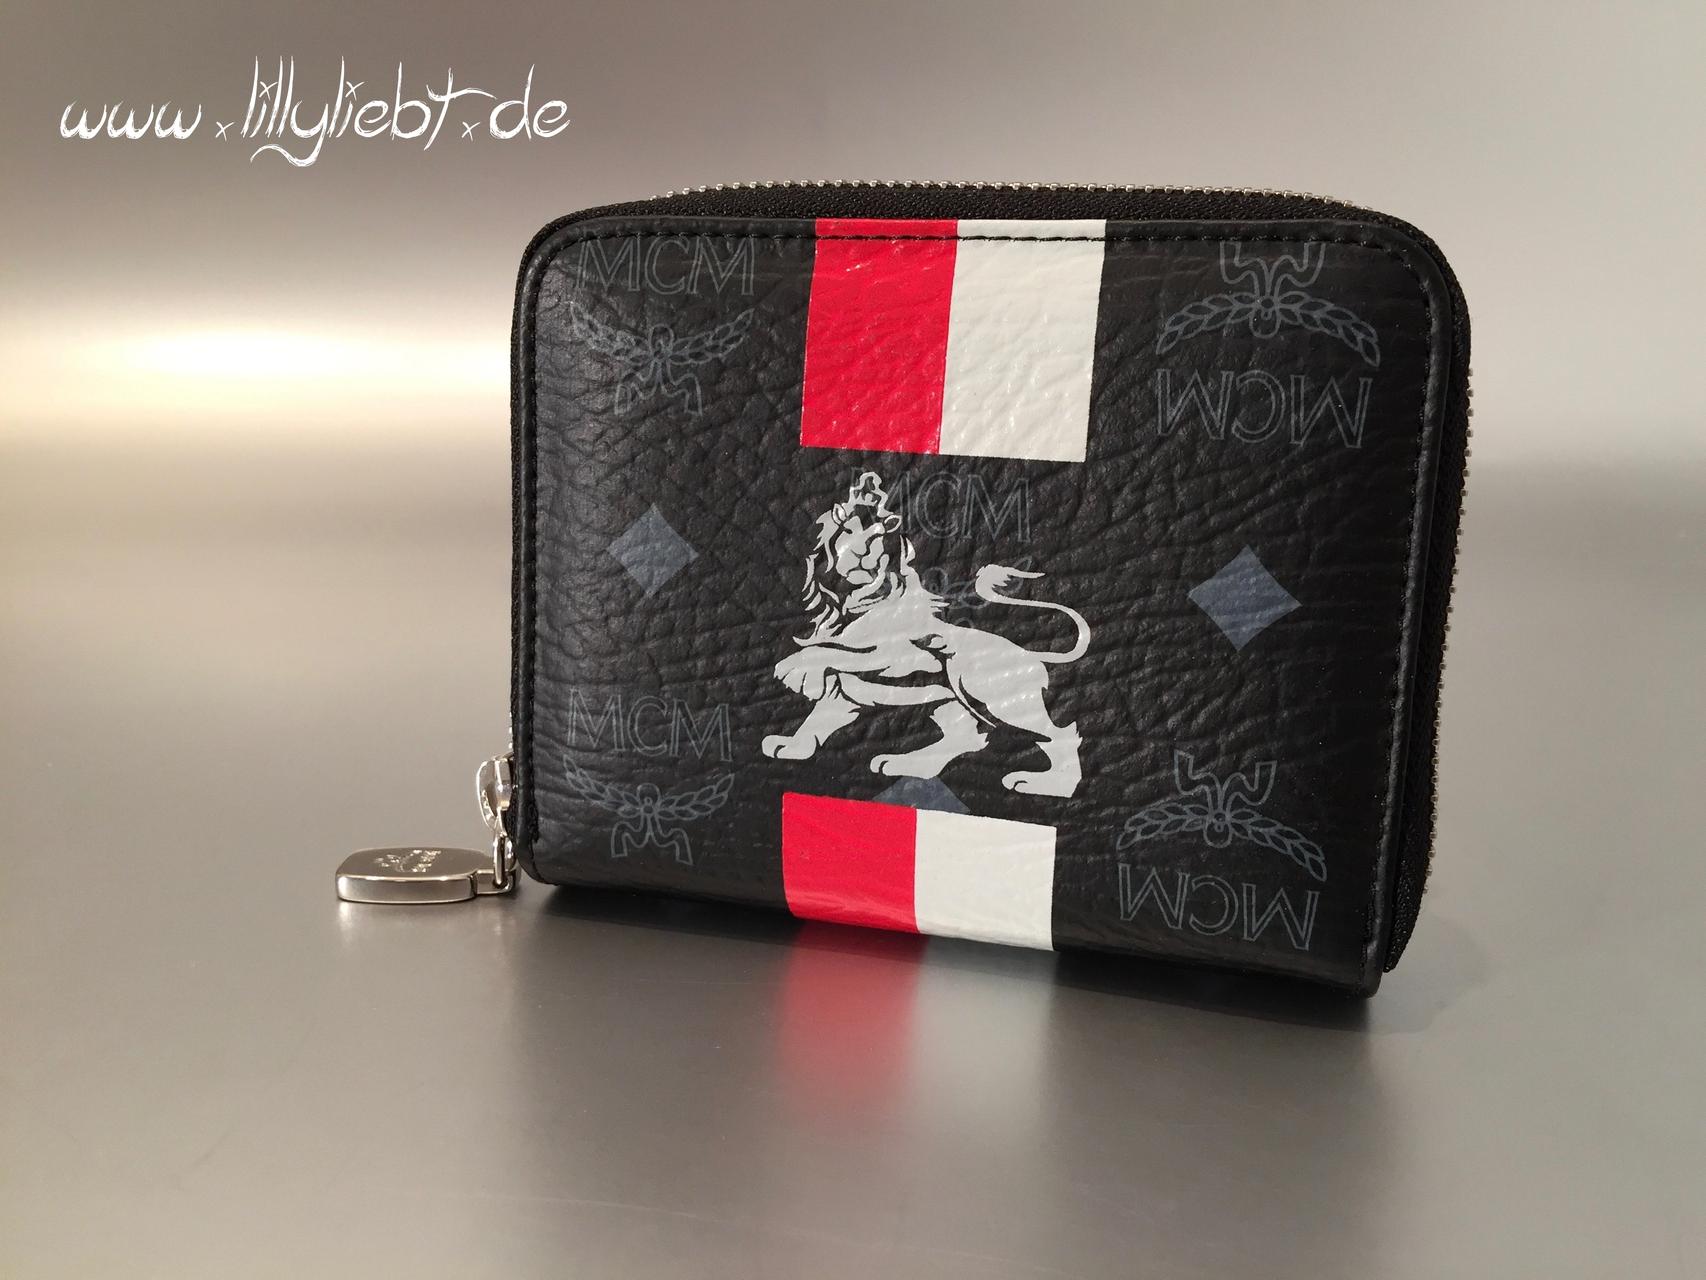 mcm munich lion compact zip wallet in schwarz ankauf verkauf second hand designertaschen. Black Bedroom Furniture Sets. Home Design Ideas